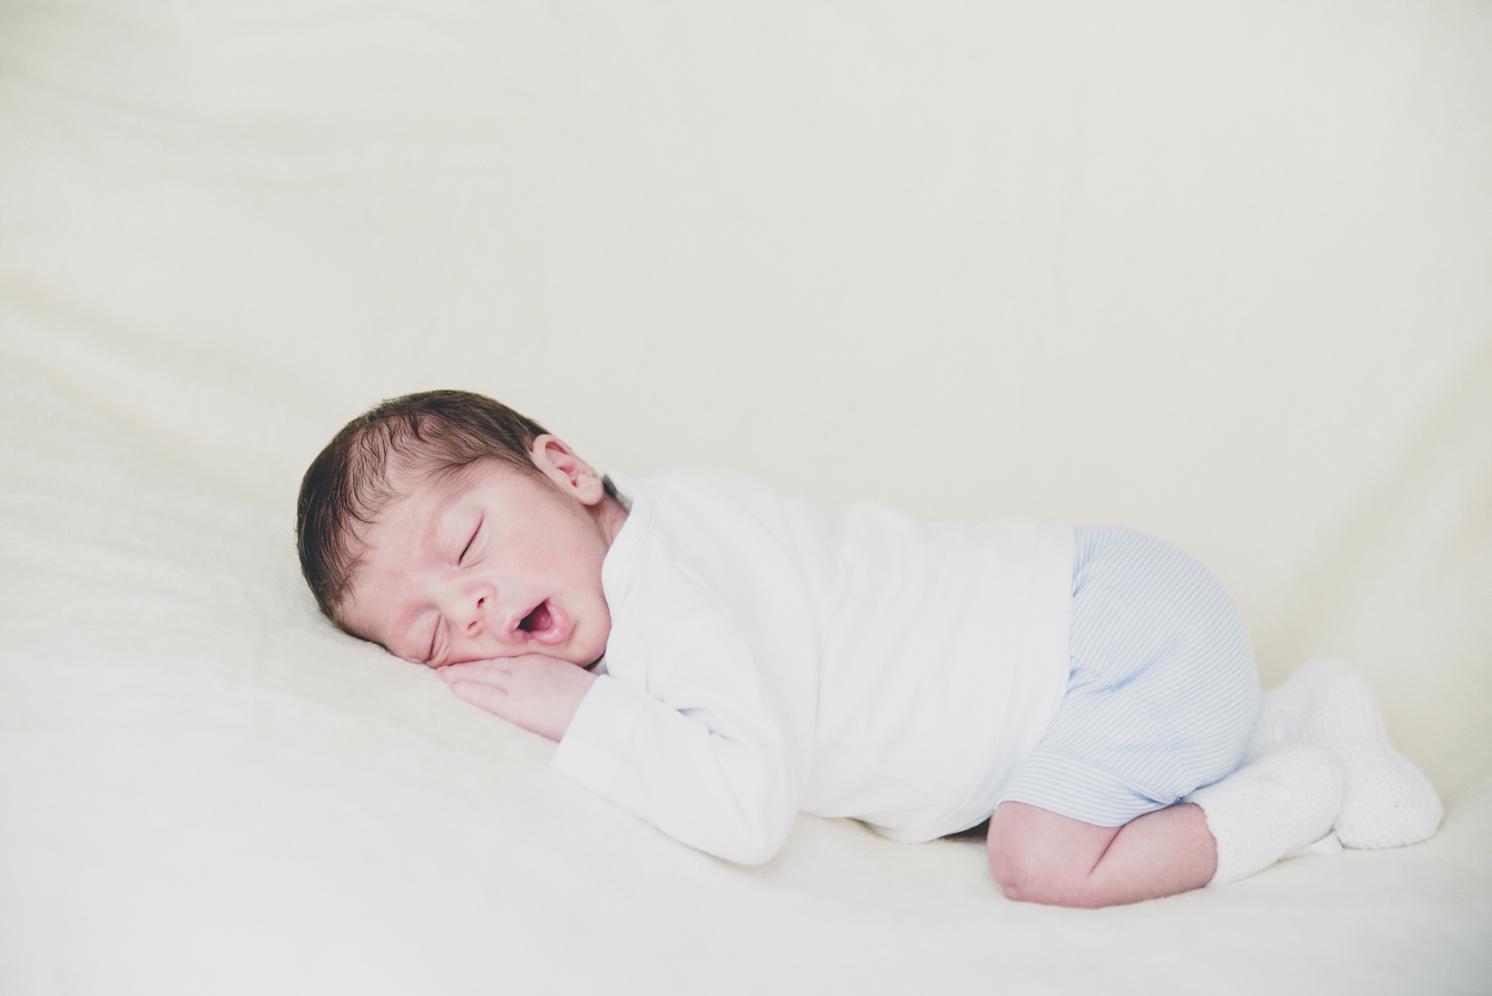 new_born _photo_barcelona_ julia_malinowska_1.jpg